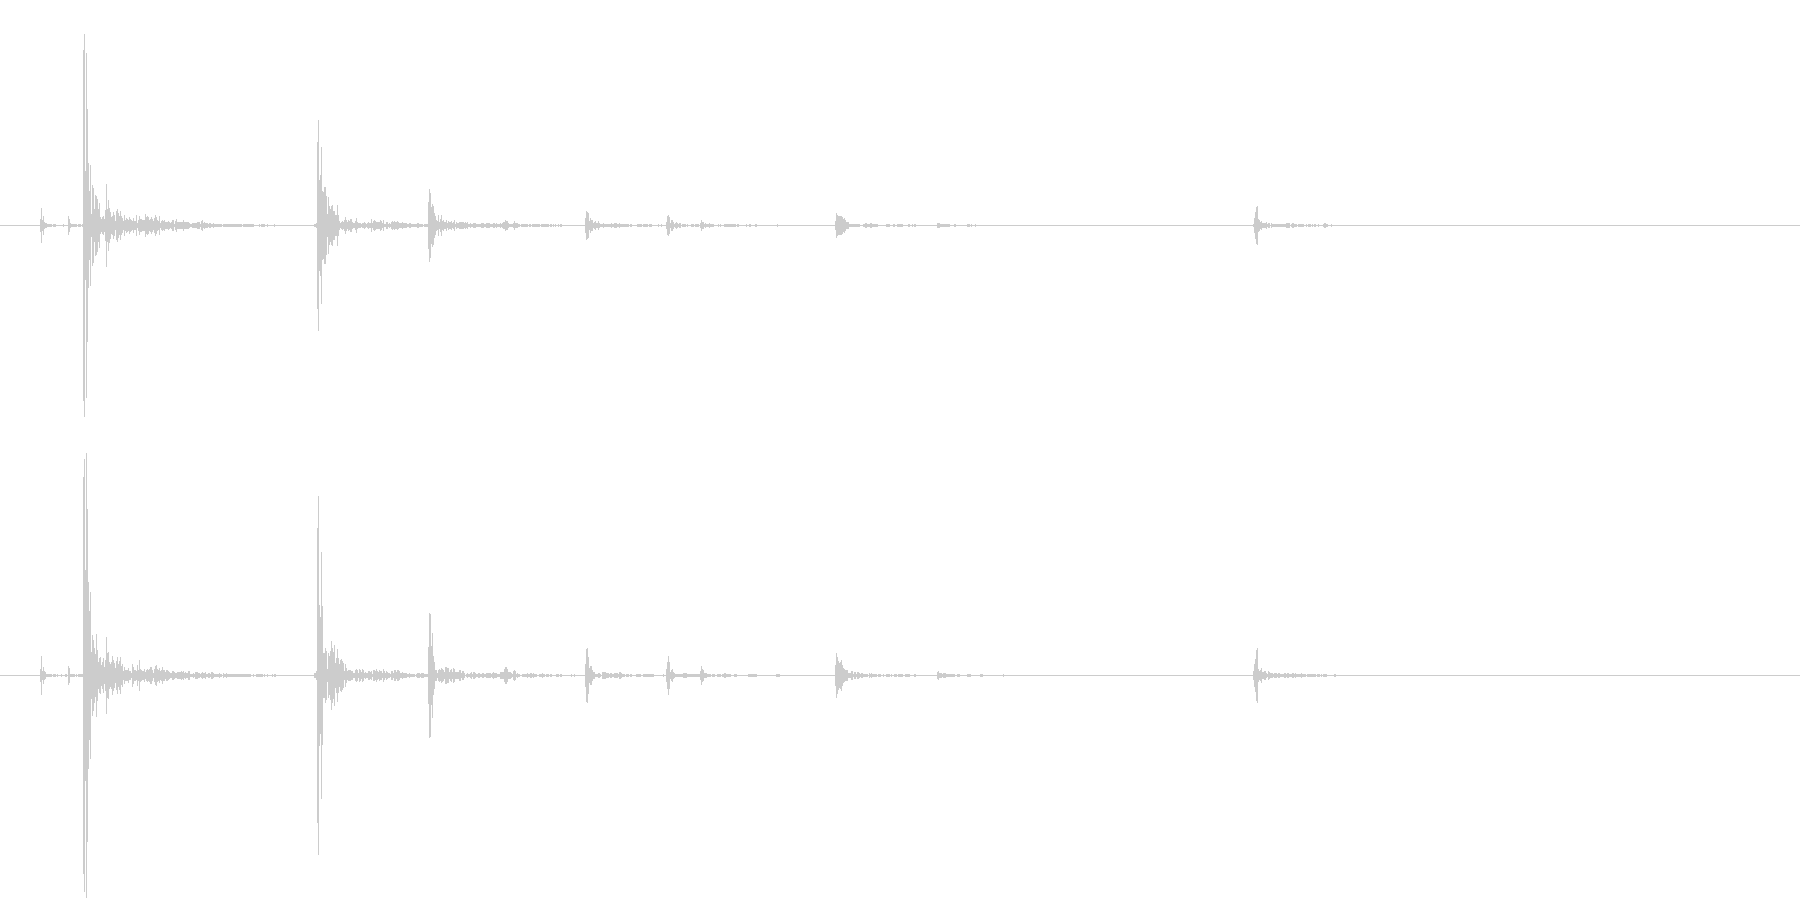 【生録音】カジノ サイコロを振る音の未再生の波形